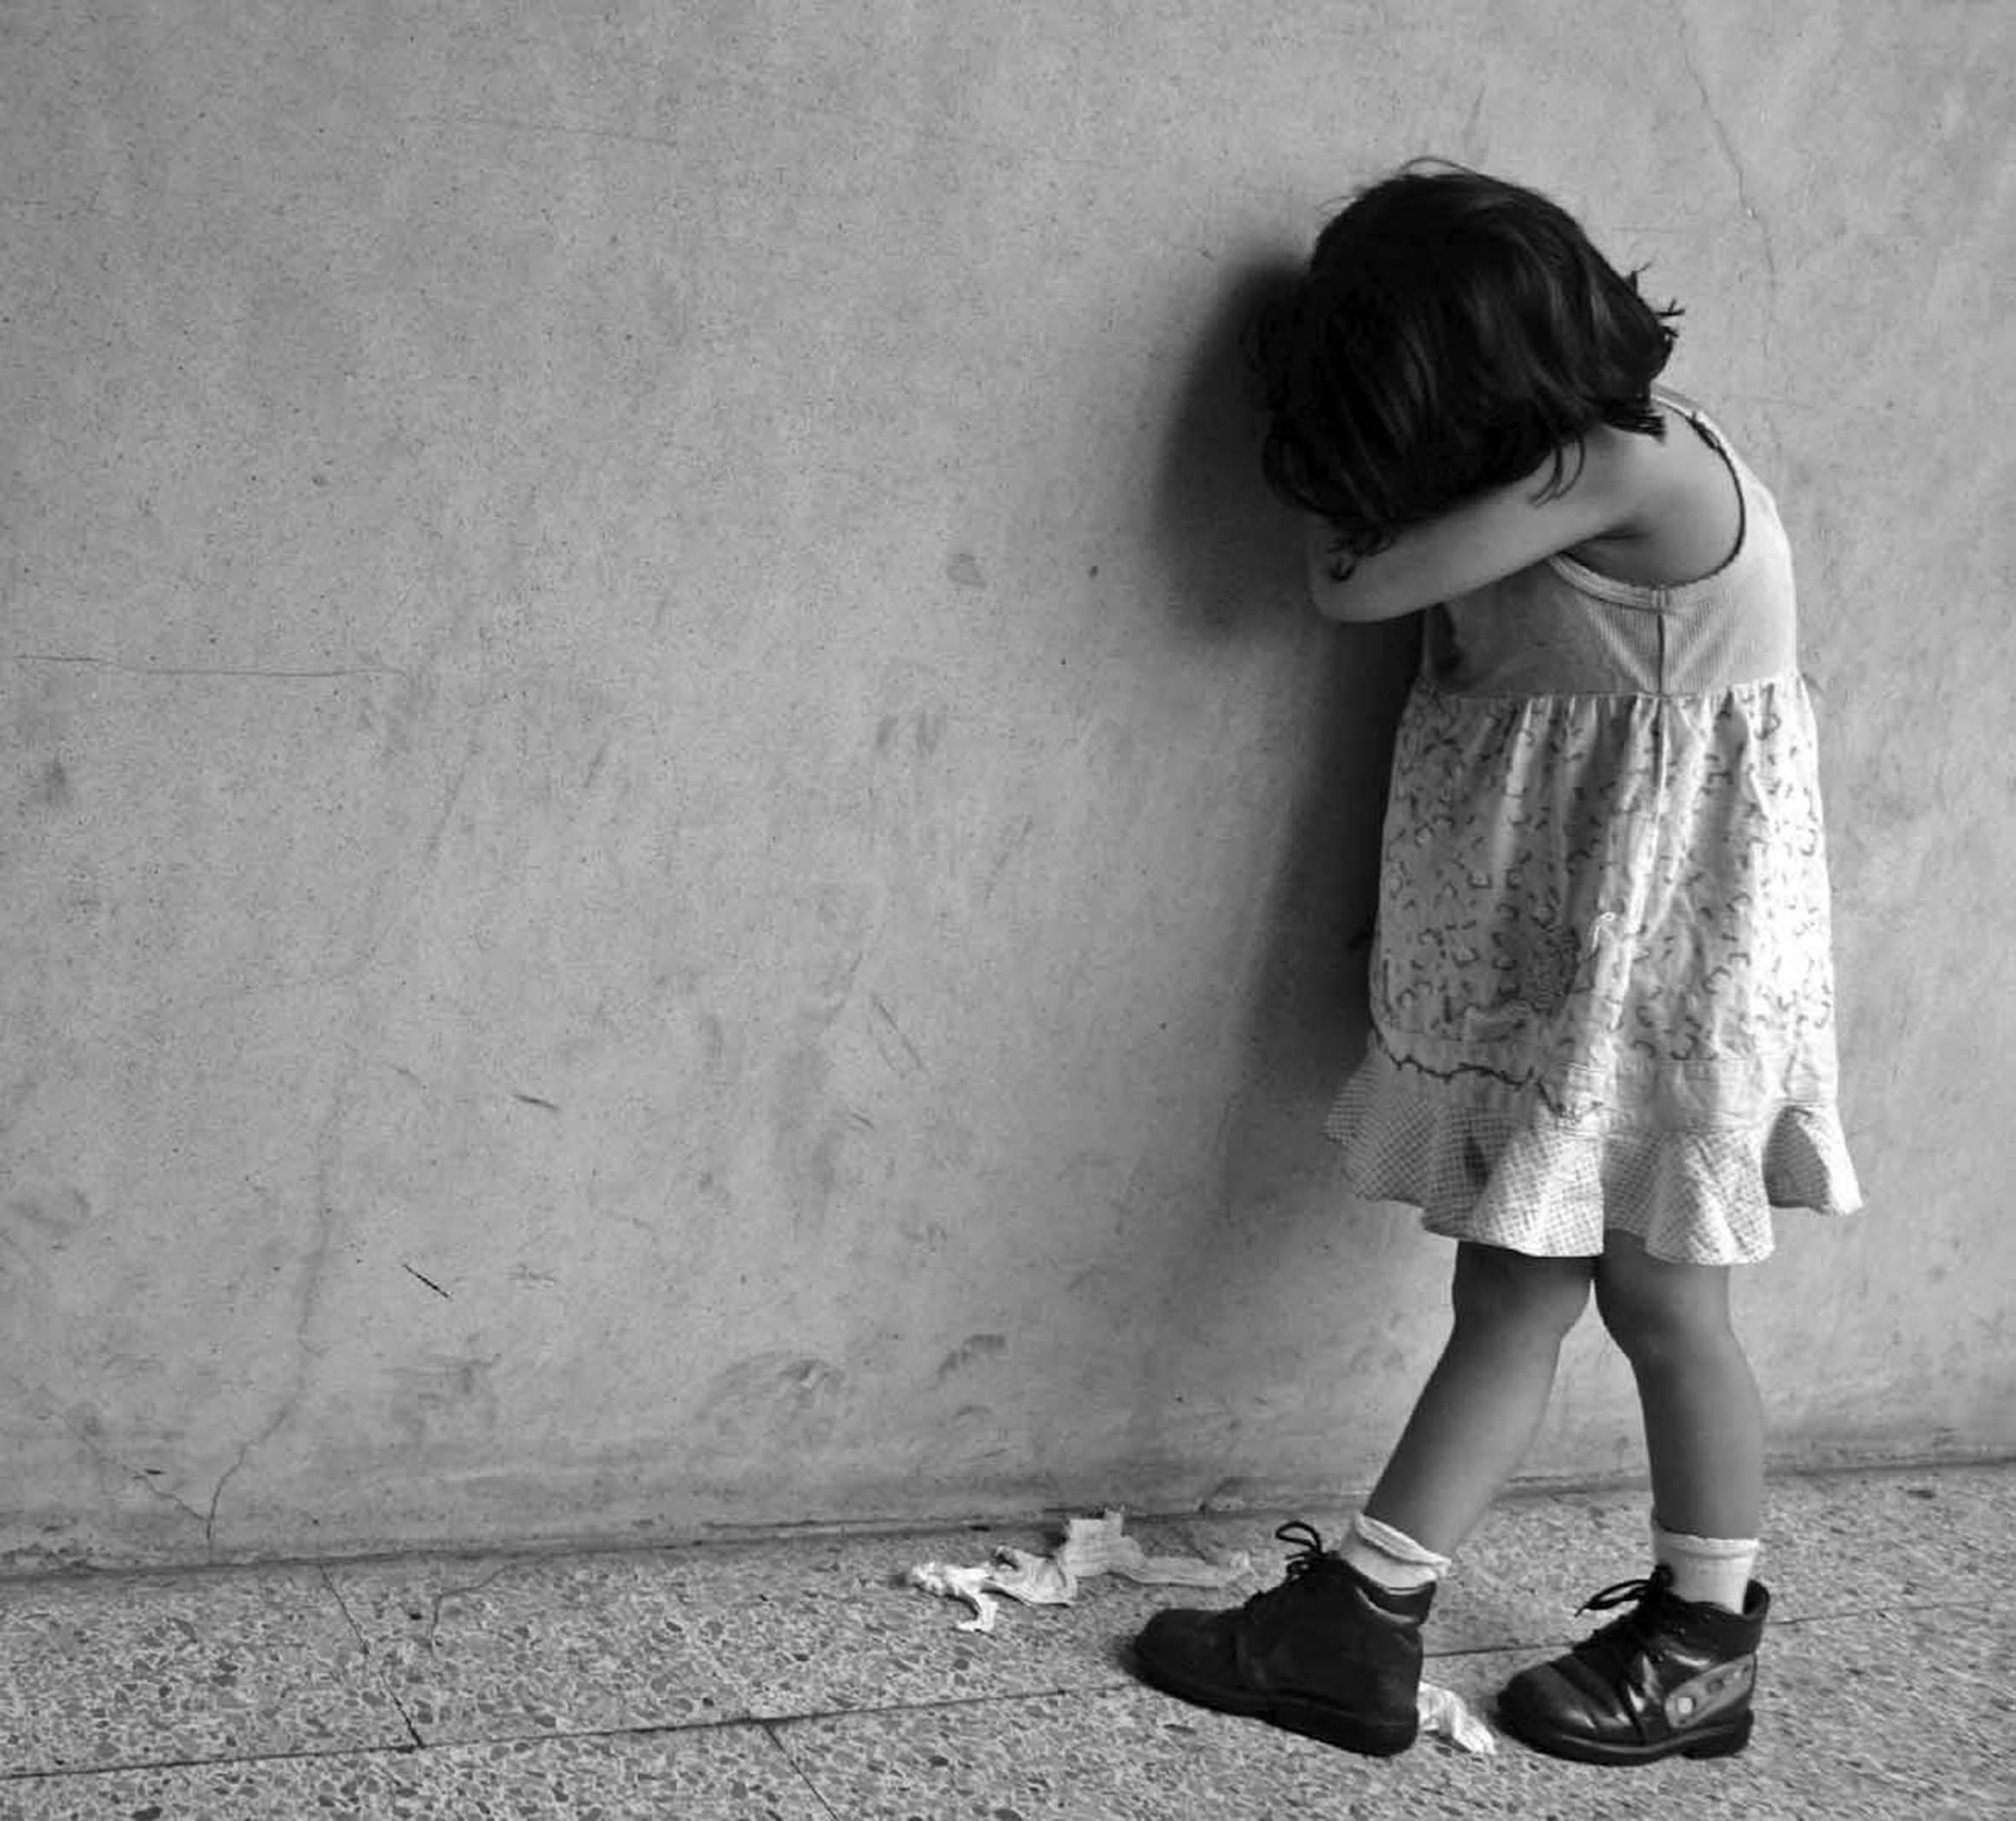 Jueza ordena prisión preventiva de agresores de niñas de Limpio